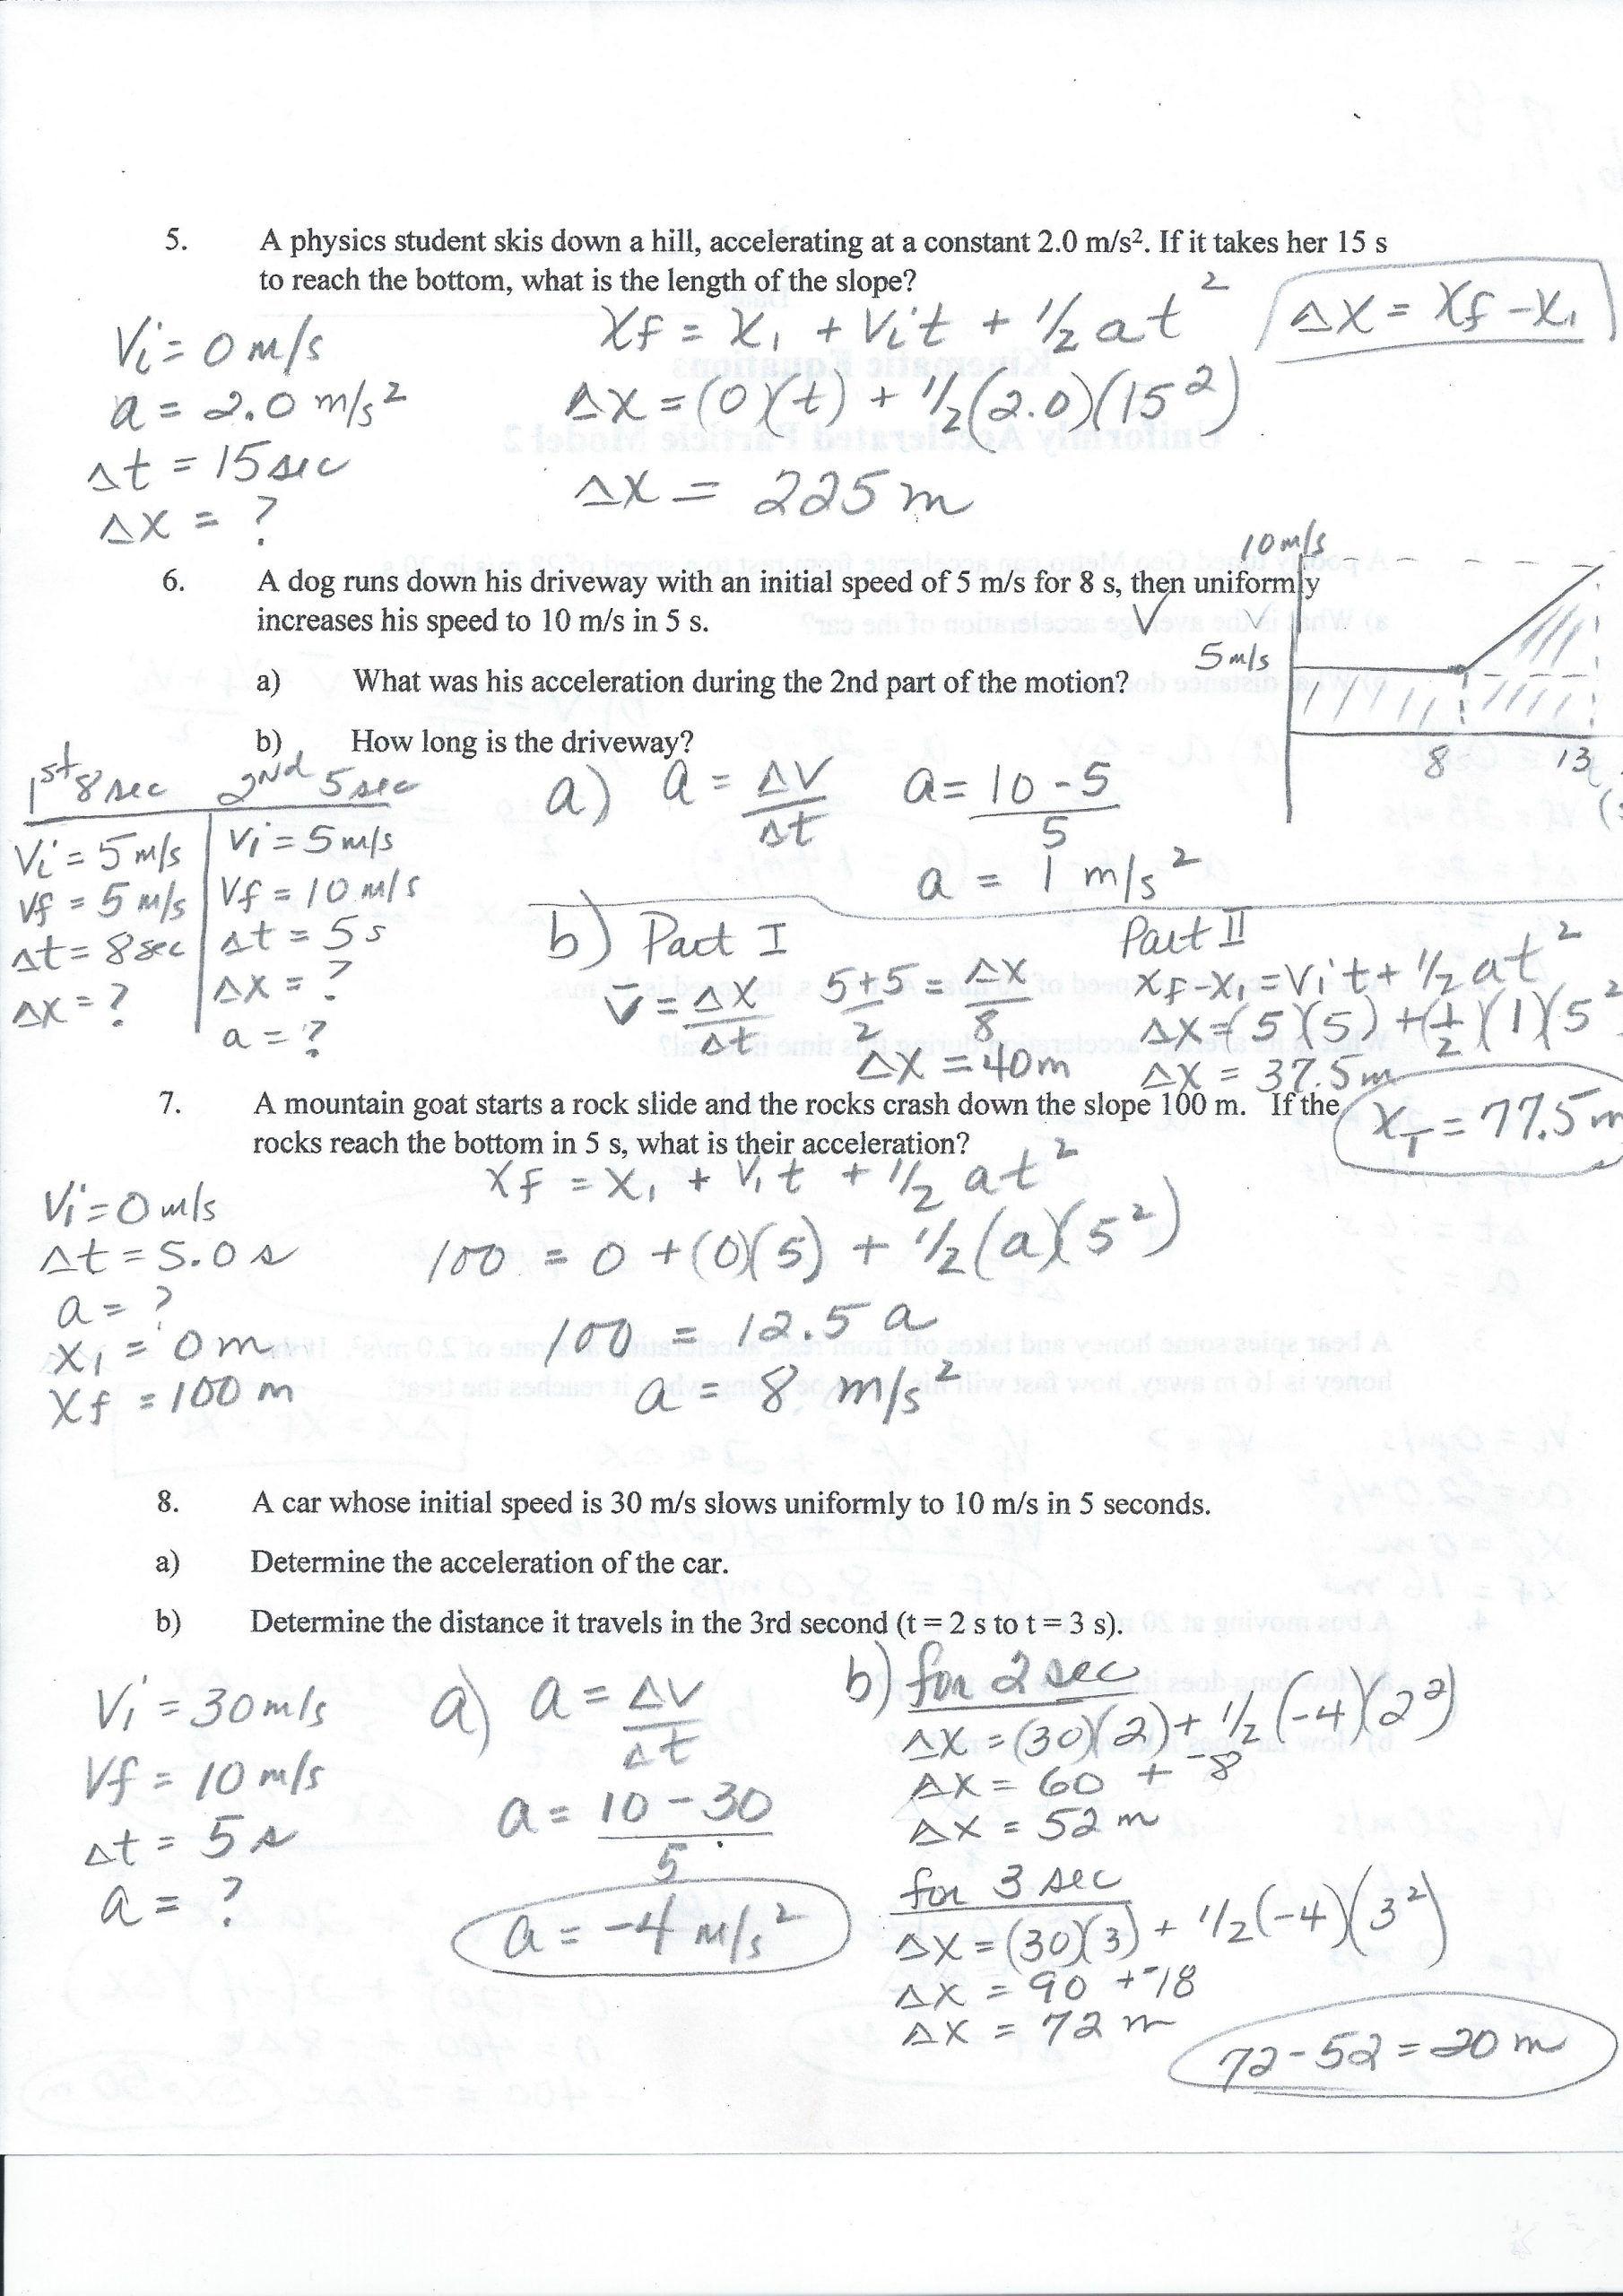 Free Fall Worksheet Answers Integers Worksheet Grade 6 Doc In 2020 Fall Worksheets Worksheets Integers Worksheet